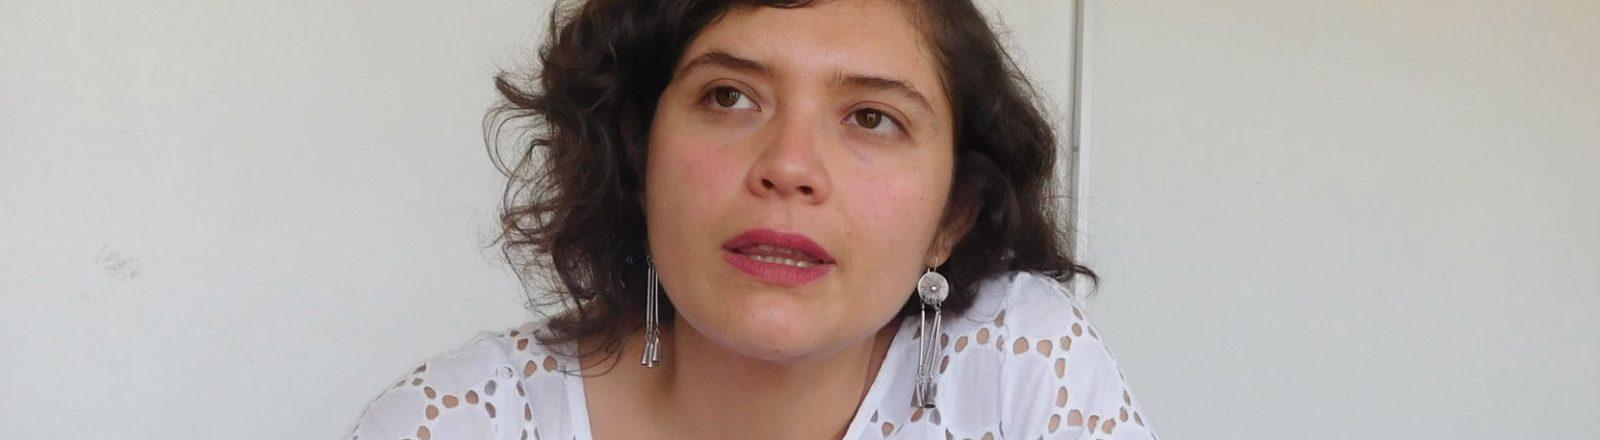 Diplomado de la Facultad de Filosofía y Humanidades enfoca la inclusión como un derecho